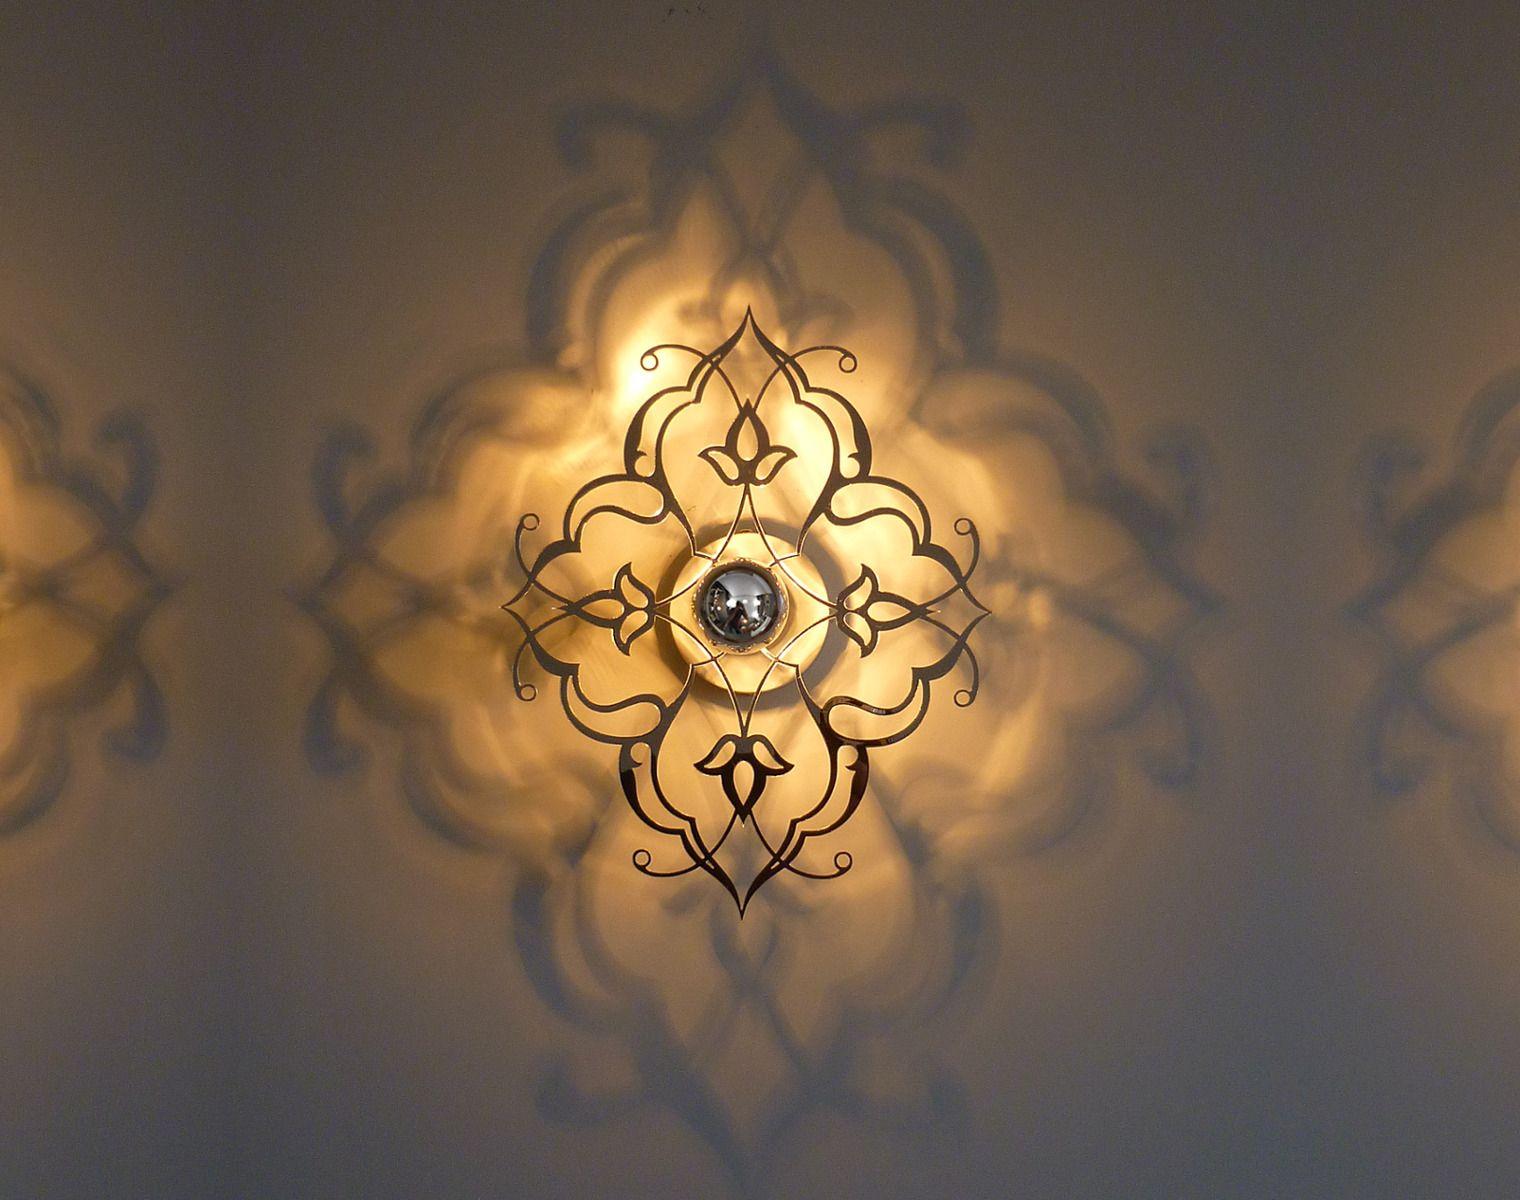 applique luminaire design baroque orient baroush 5d 35x28 cm miroir arabesque decoration. Black Bedroom Furniture Sets. Home Design Ideas